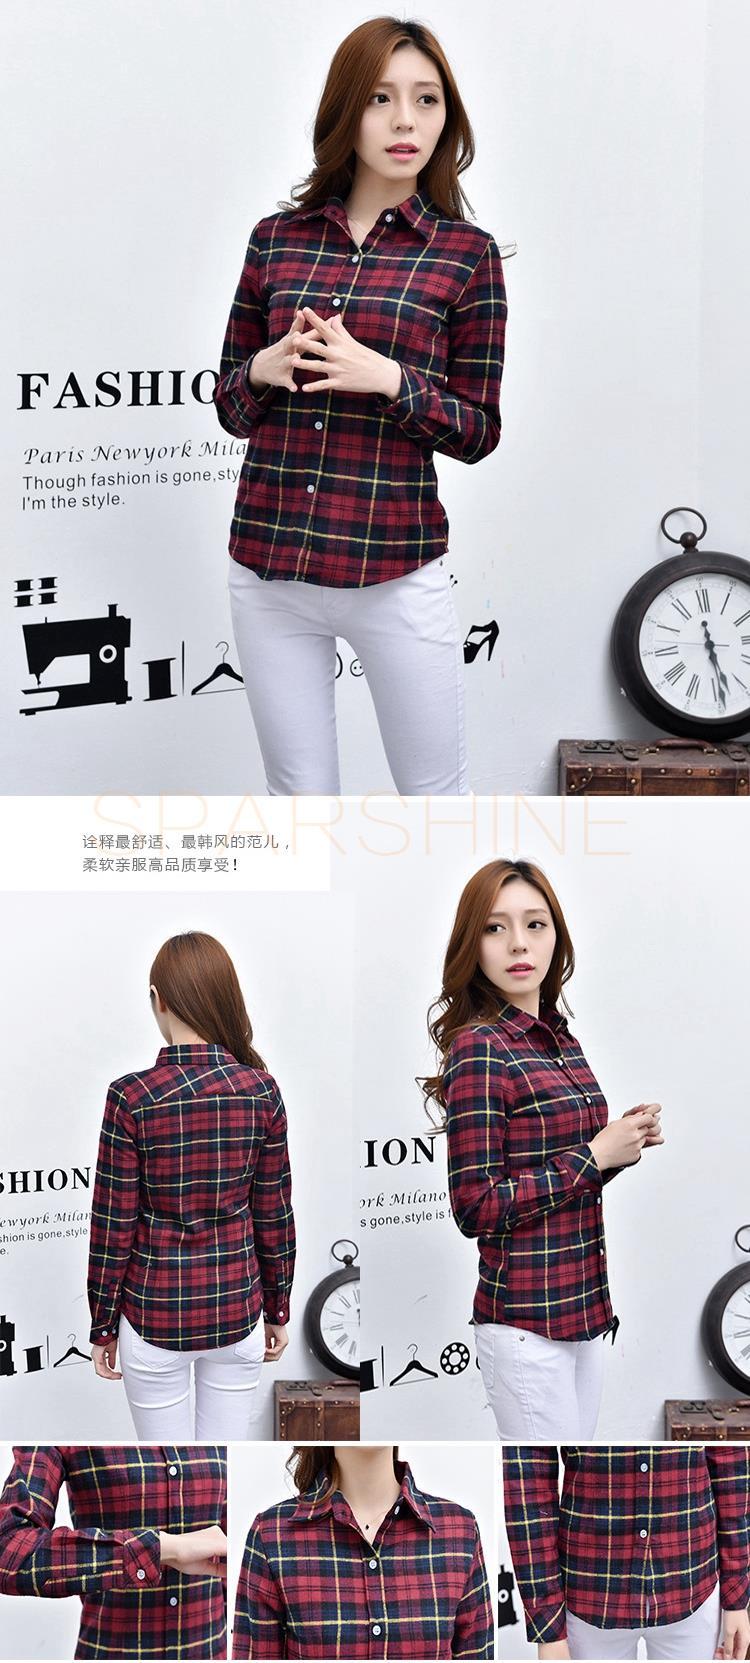 HTB1W4jtLFXXXXbTXpXXq6xXFXXXX - Girl's Plaid Flannel Shirt PTC 67